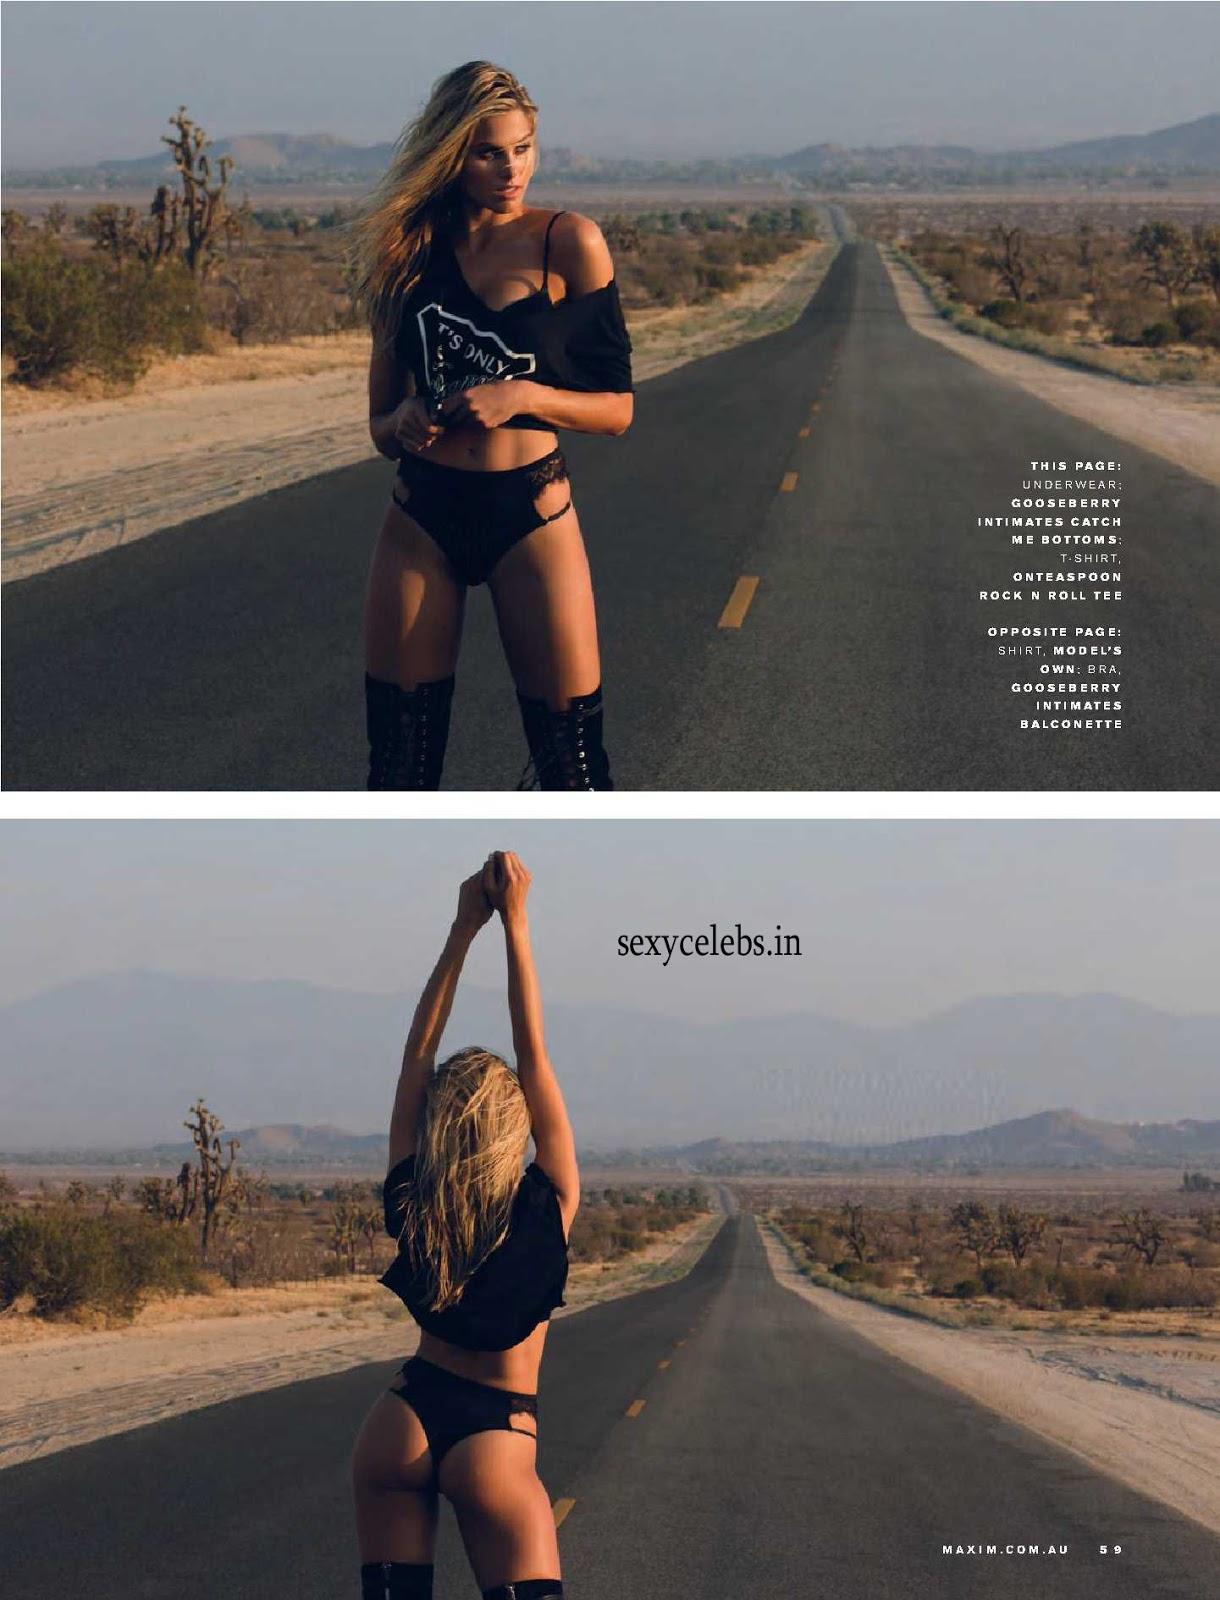 Natalie Roser Walks Nude in Desert for FHM Magazine Oct 2016 Scorching Hot Topless blond Natalie Roser in Bikini WOW